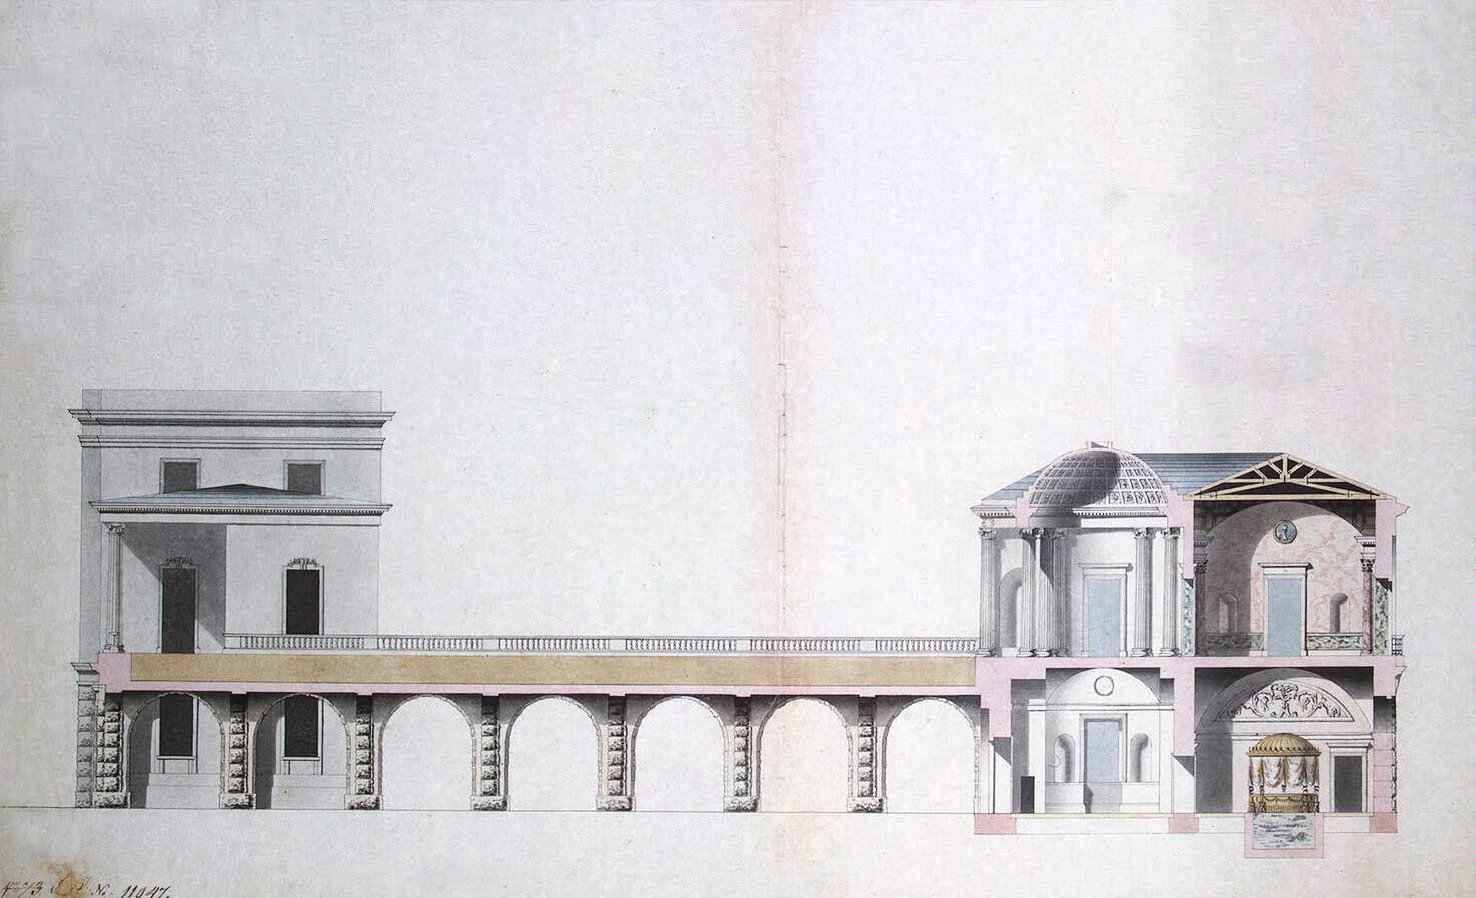 Проект висячего сада в Царском селе. 1780 г. Автор: Charles Cameron, Wikimedia Commons